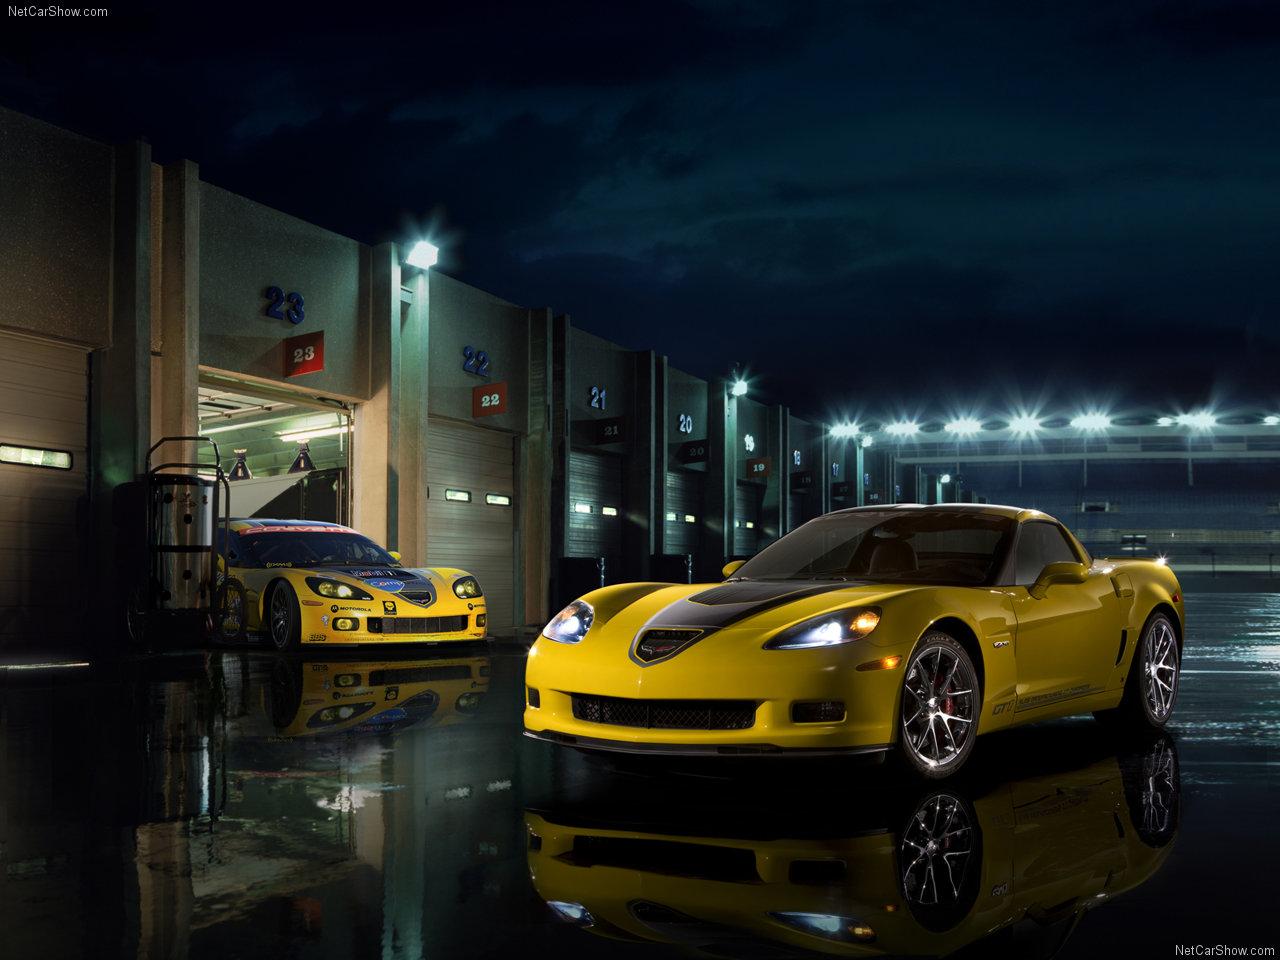 Chevrolet-corvette gt1 2009 1280x960 wallpaper 01-1-